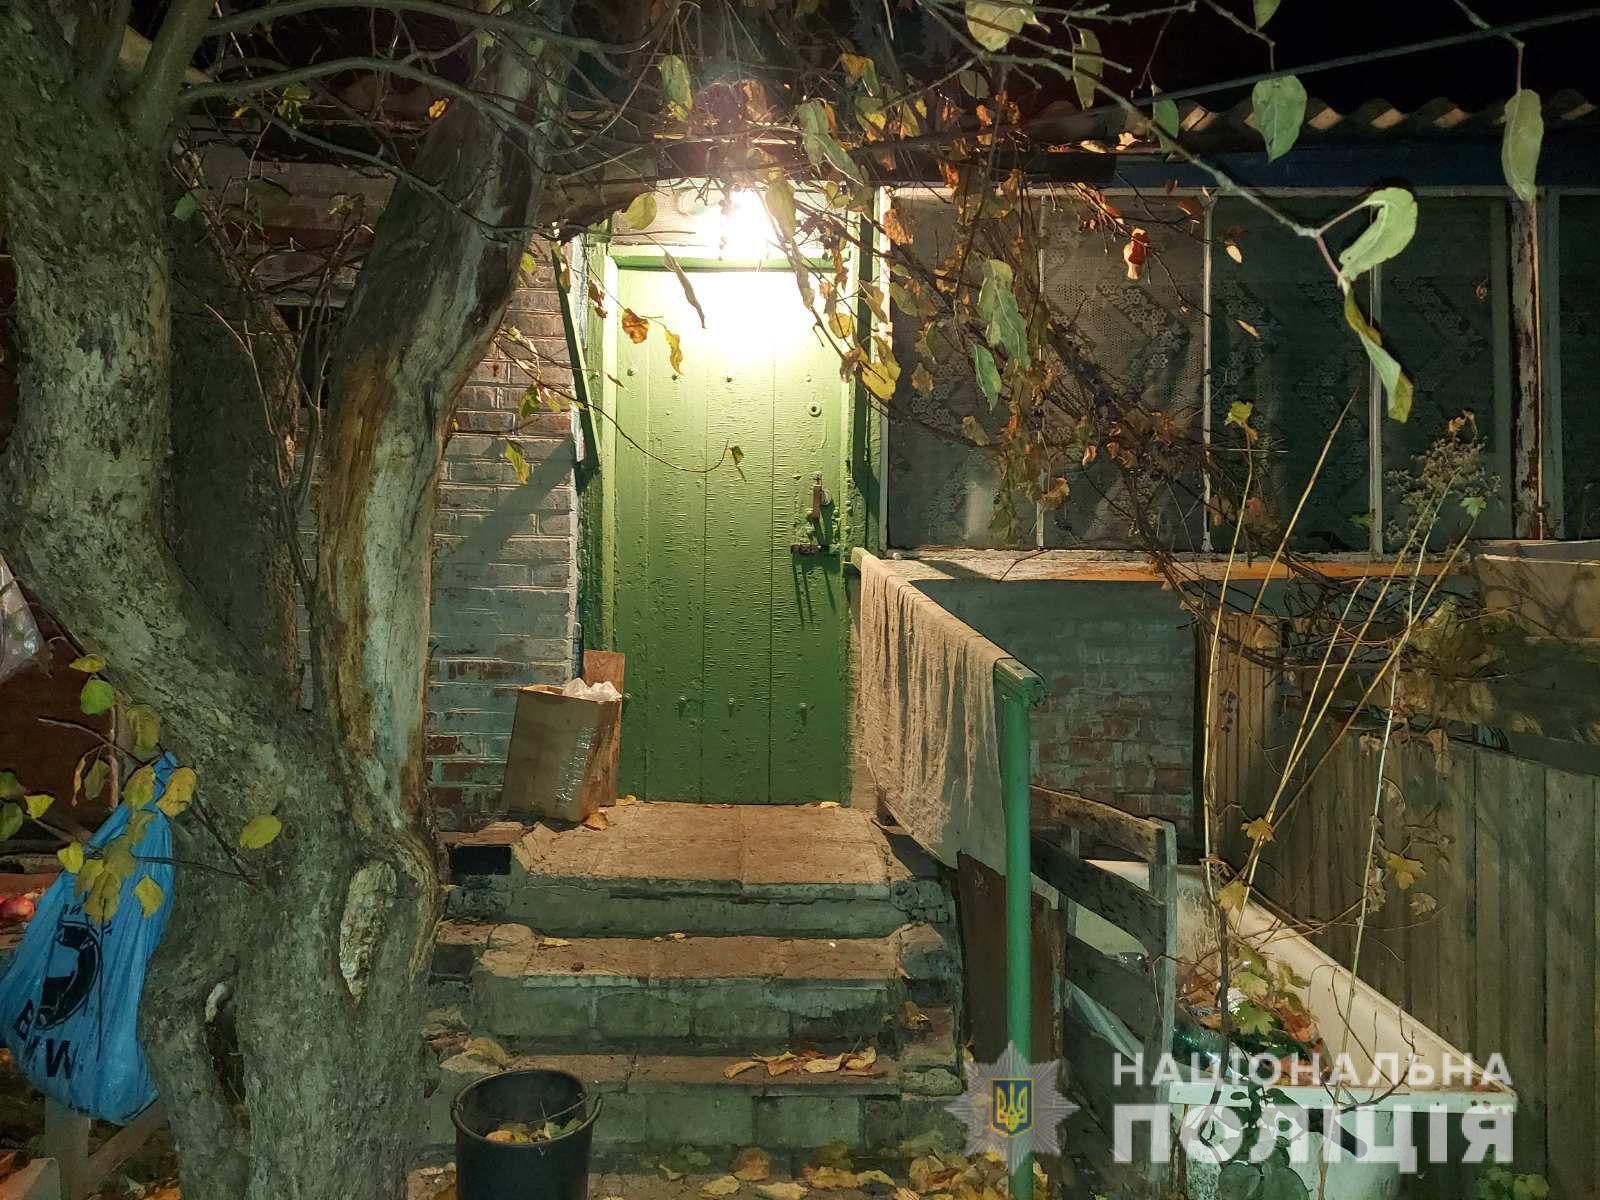 Убийство на Харьковщине: Мужчина зарезал женщину на даче в селе Юрченково